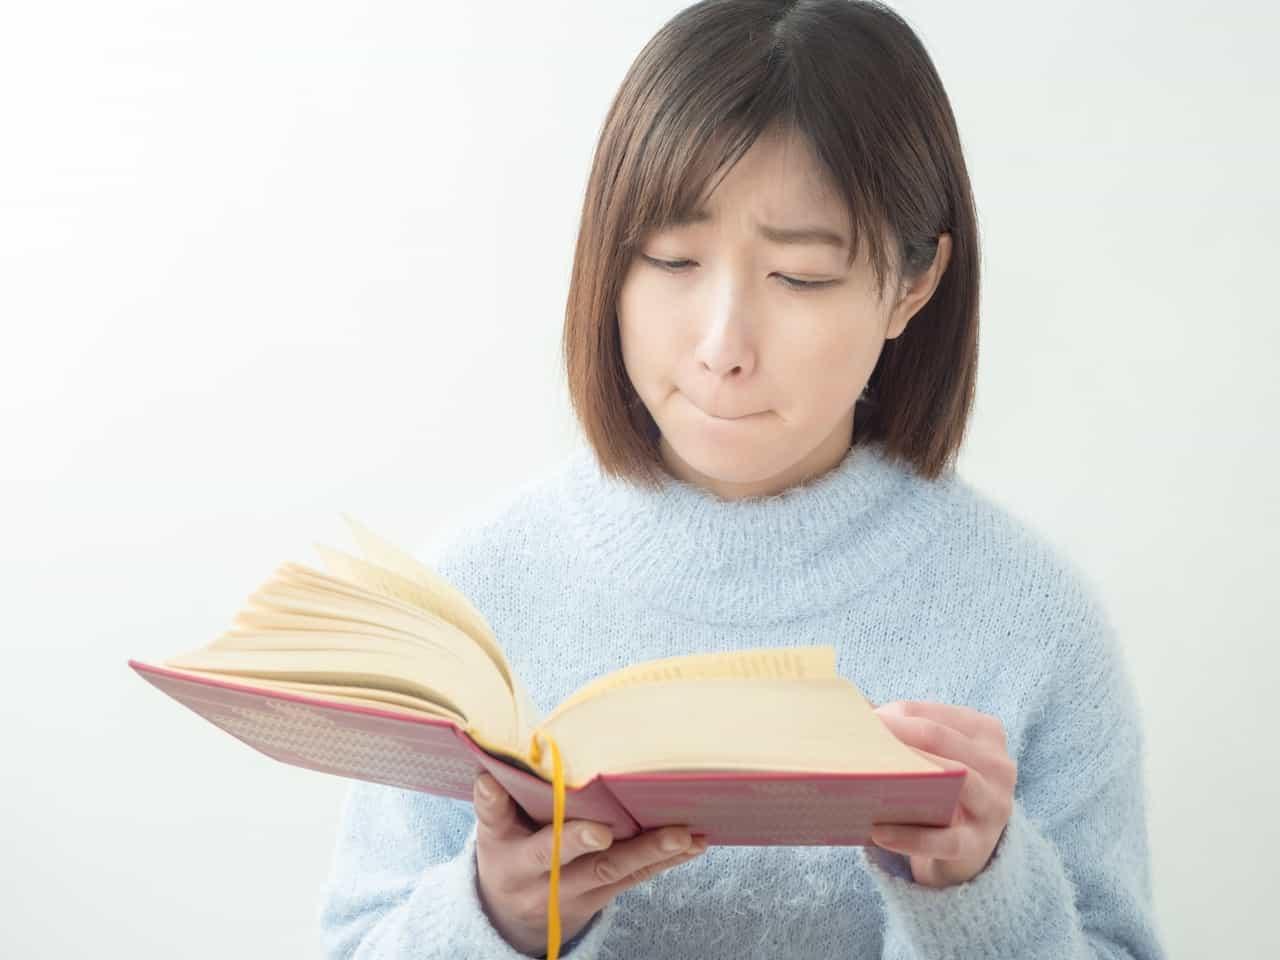 斜視で本が読めない女子